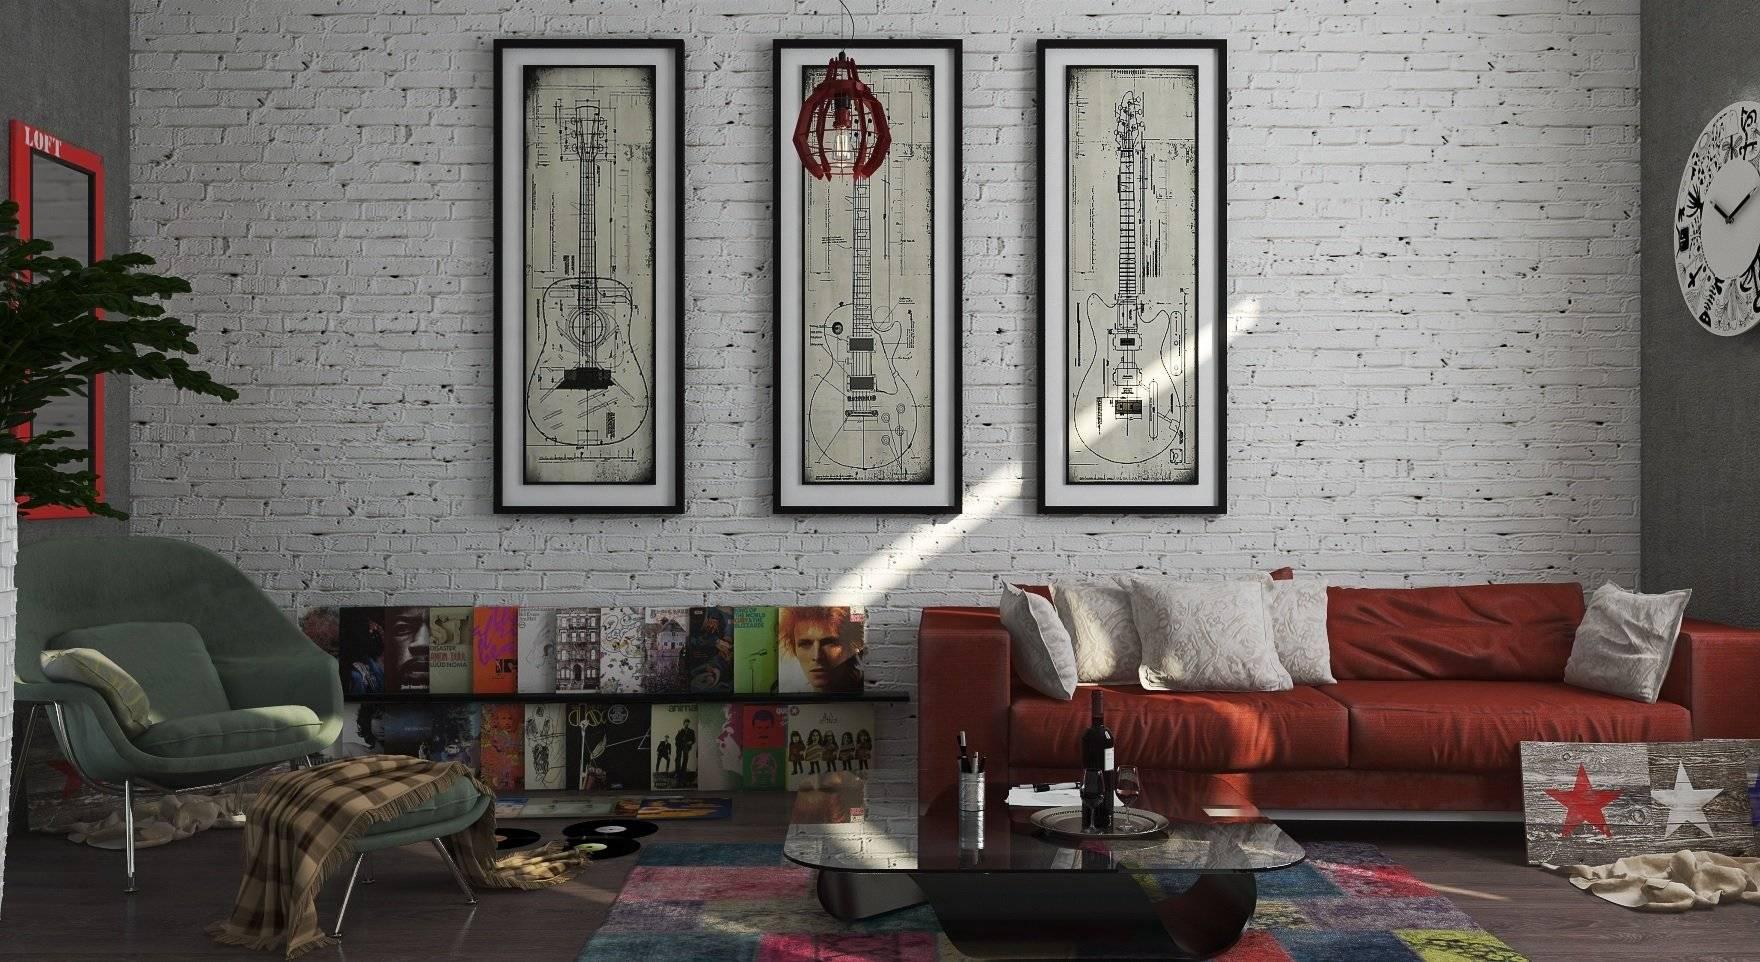 Картины для интерьера: 50+ ярких постеров, репродукций и диптихов